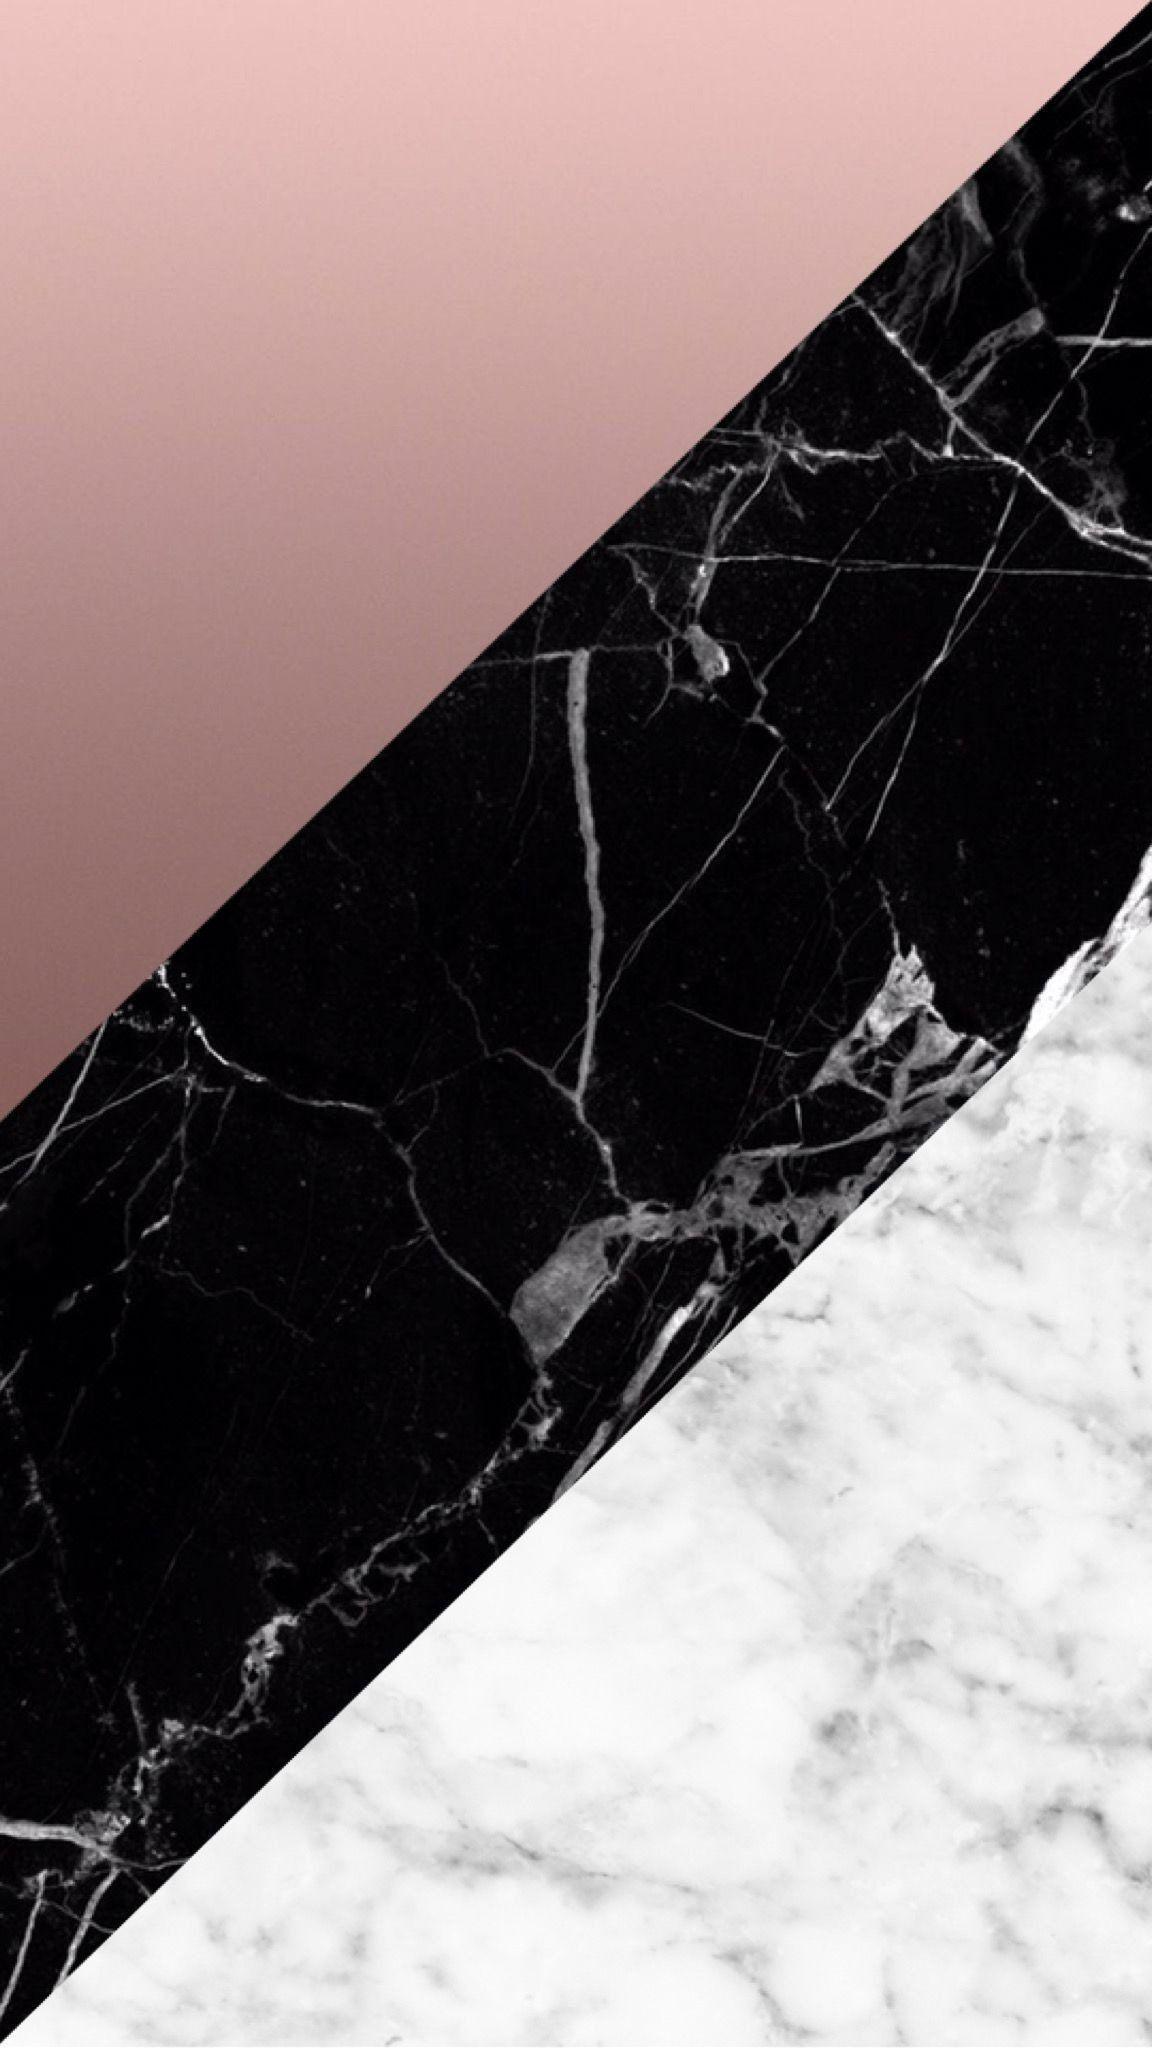 خلفيات رخام Marble باللونين الأسود والذهبي Black Gold عالية الوضوح 21 Papel De Parede De Marmore Imagem De Fundo Para Iphone Imagens Para Wallpaper